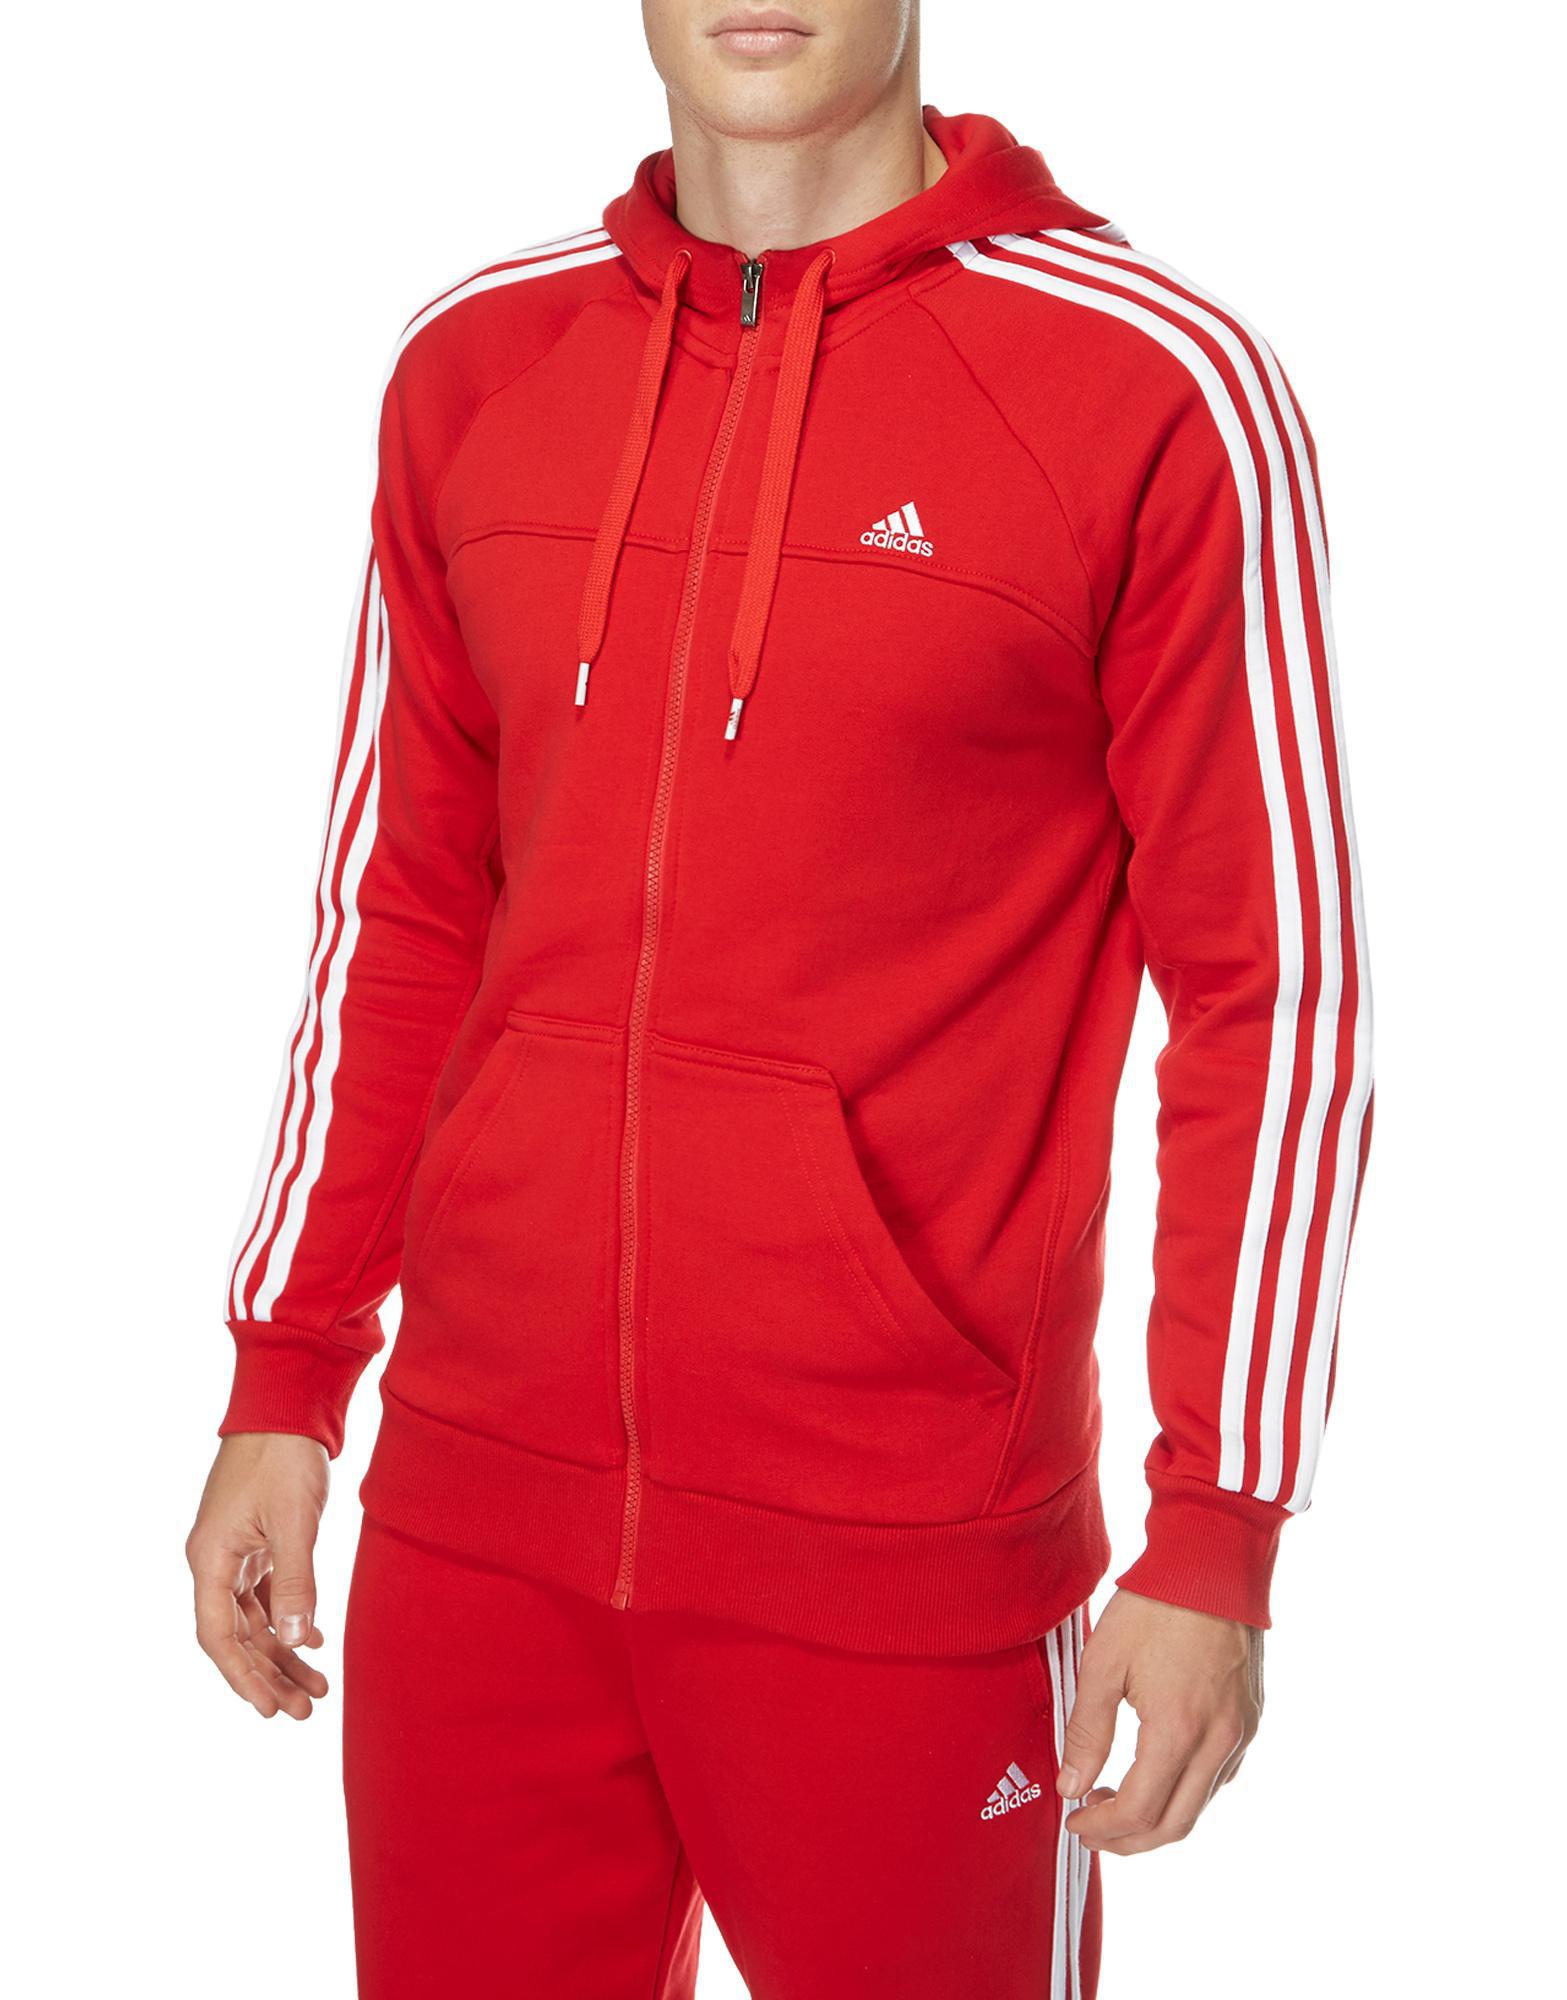 Promotion sur une sélection d'articles - Ex : Sweat à capuche rouge Adidas